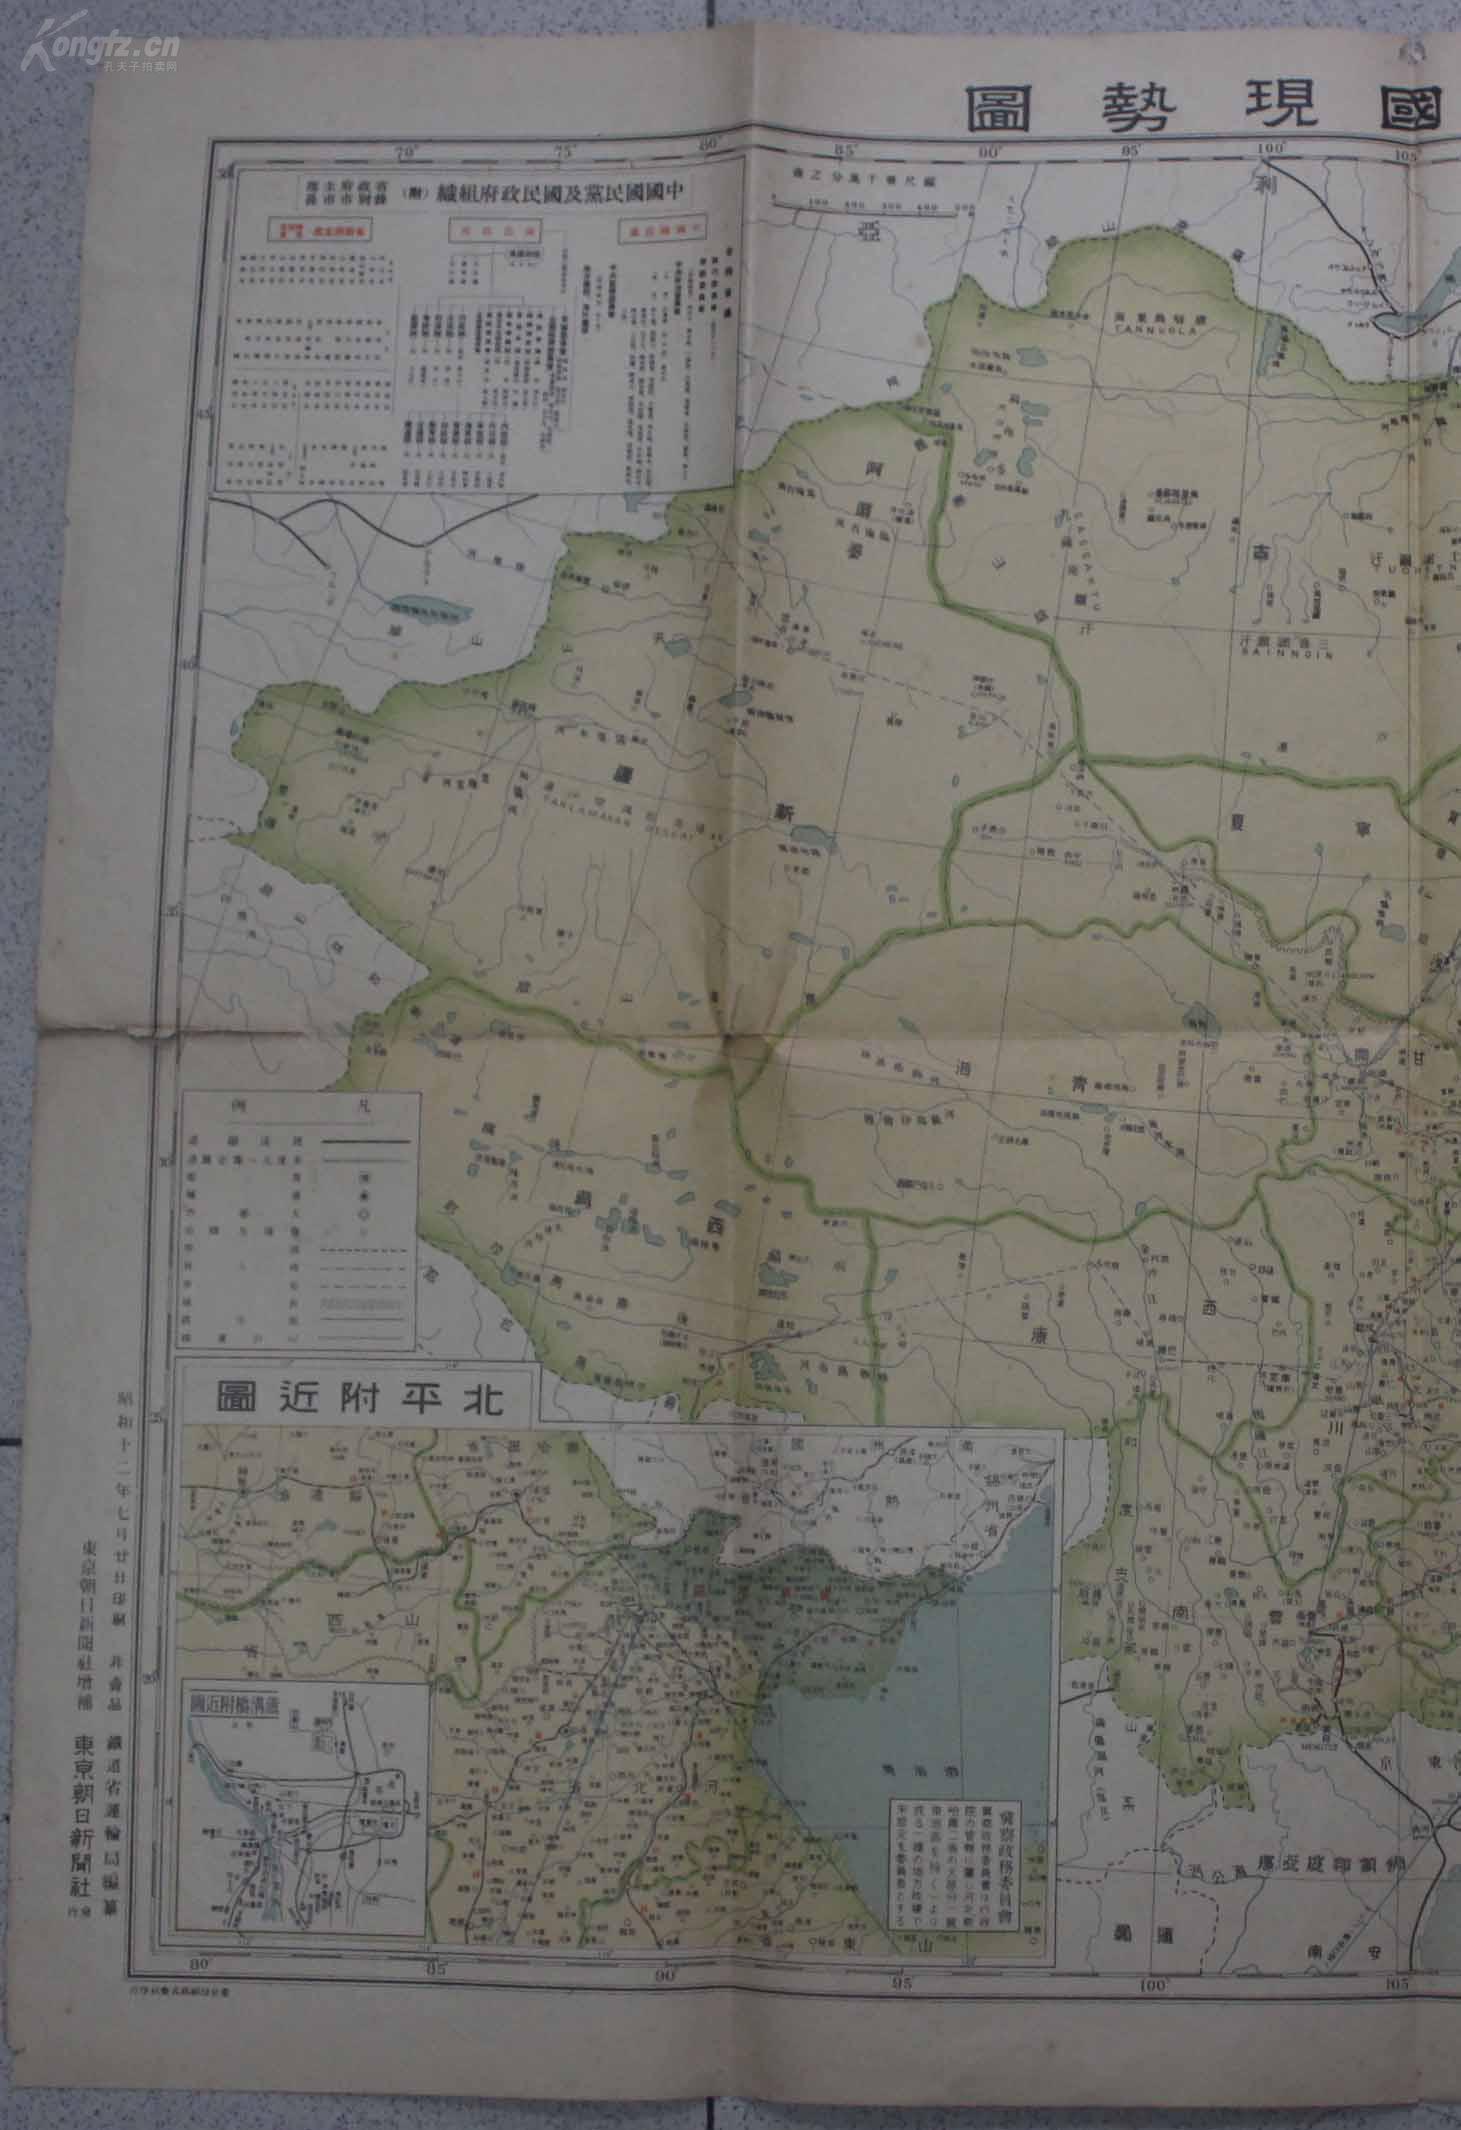 【图】红色文献 侵华地图:中华民国现势图(1937年7月)